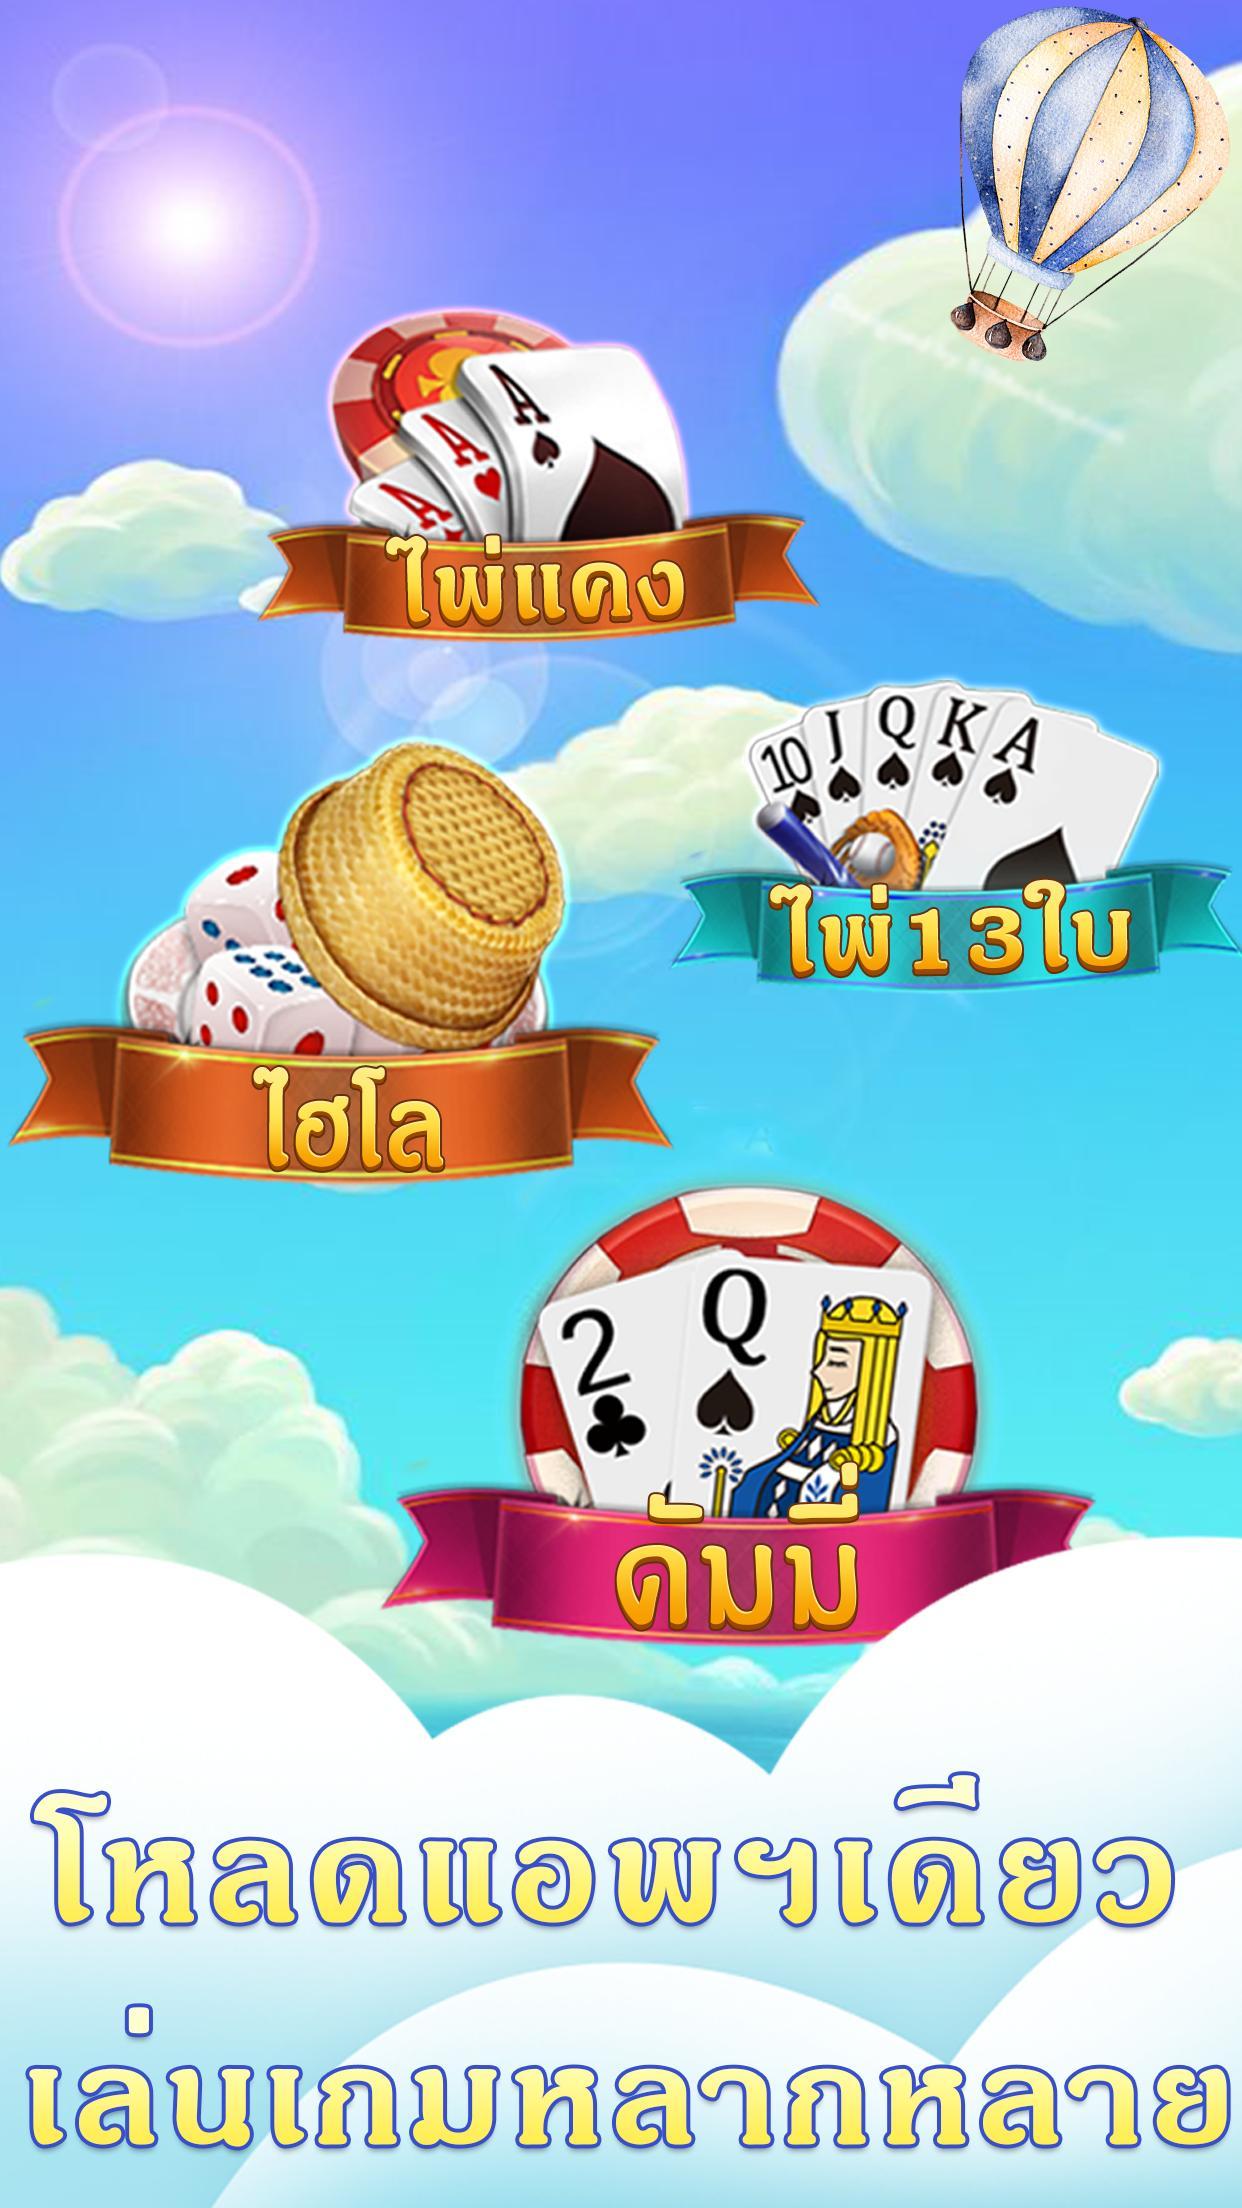 ดัมมี่ไทย Dummy-ไพ่แคง ไฮโล สามกอง 1.0.0.28 Screenshot 3